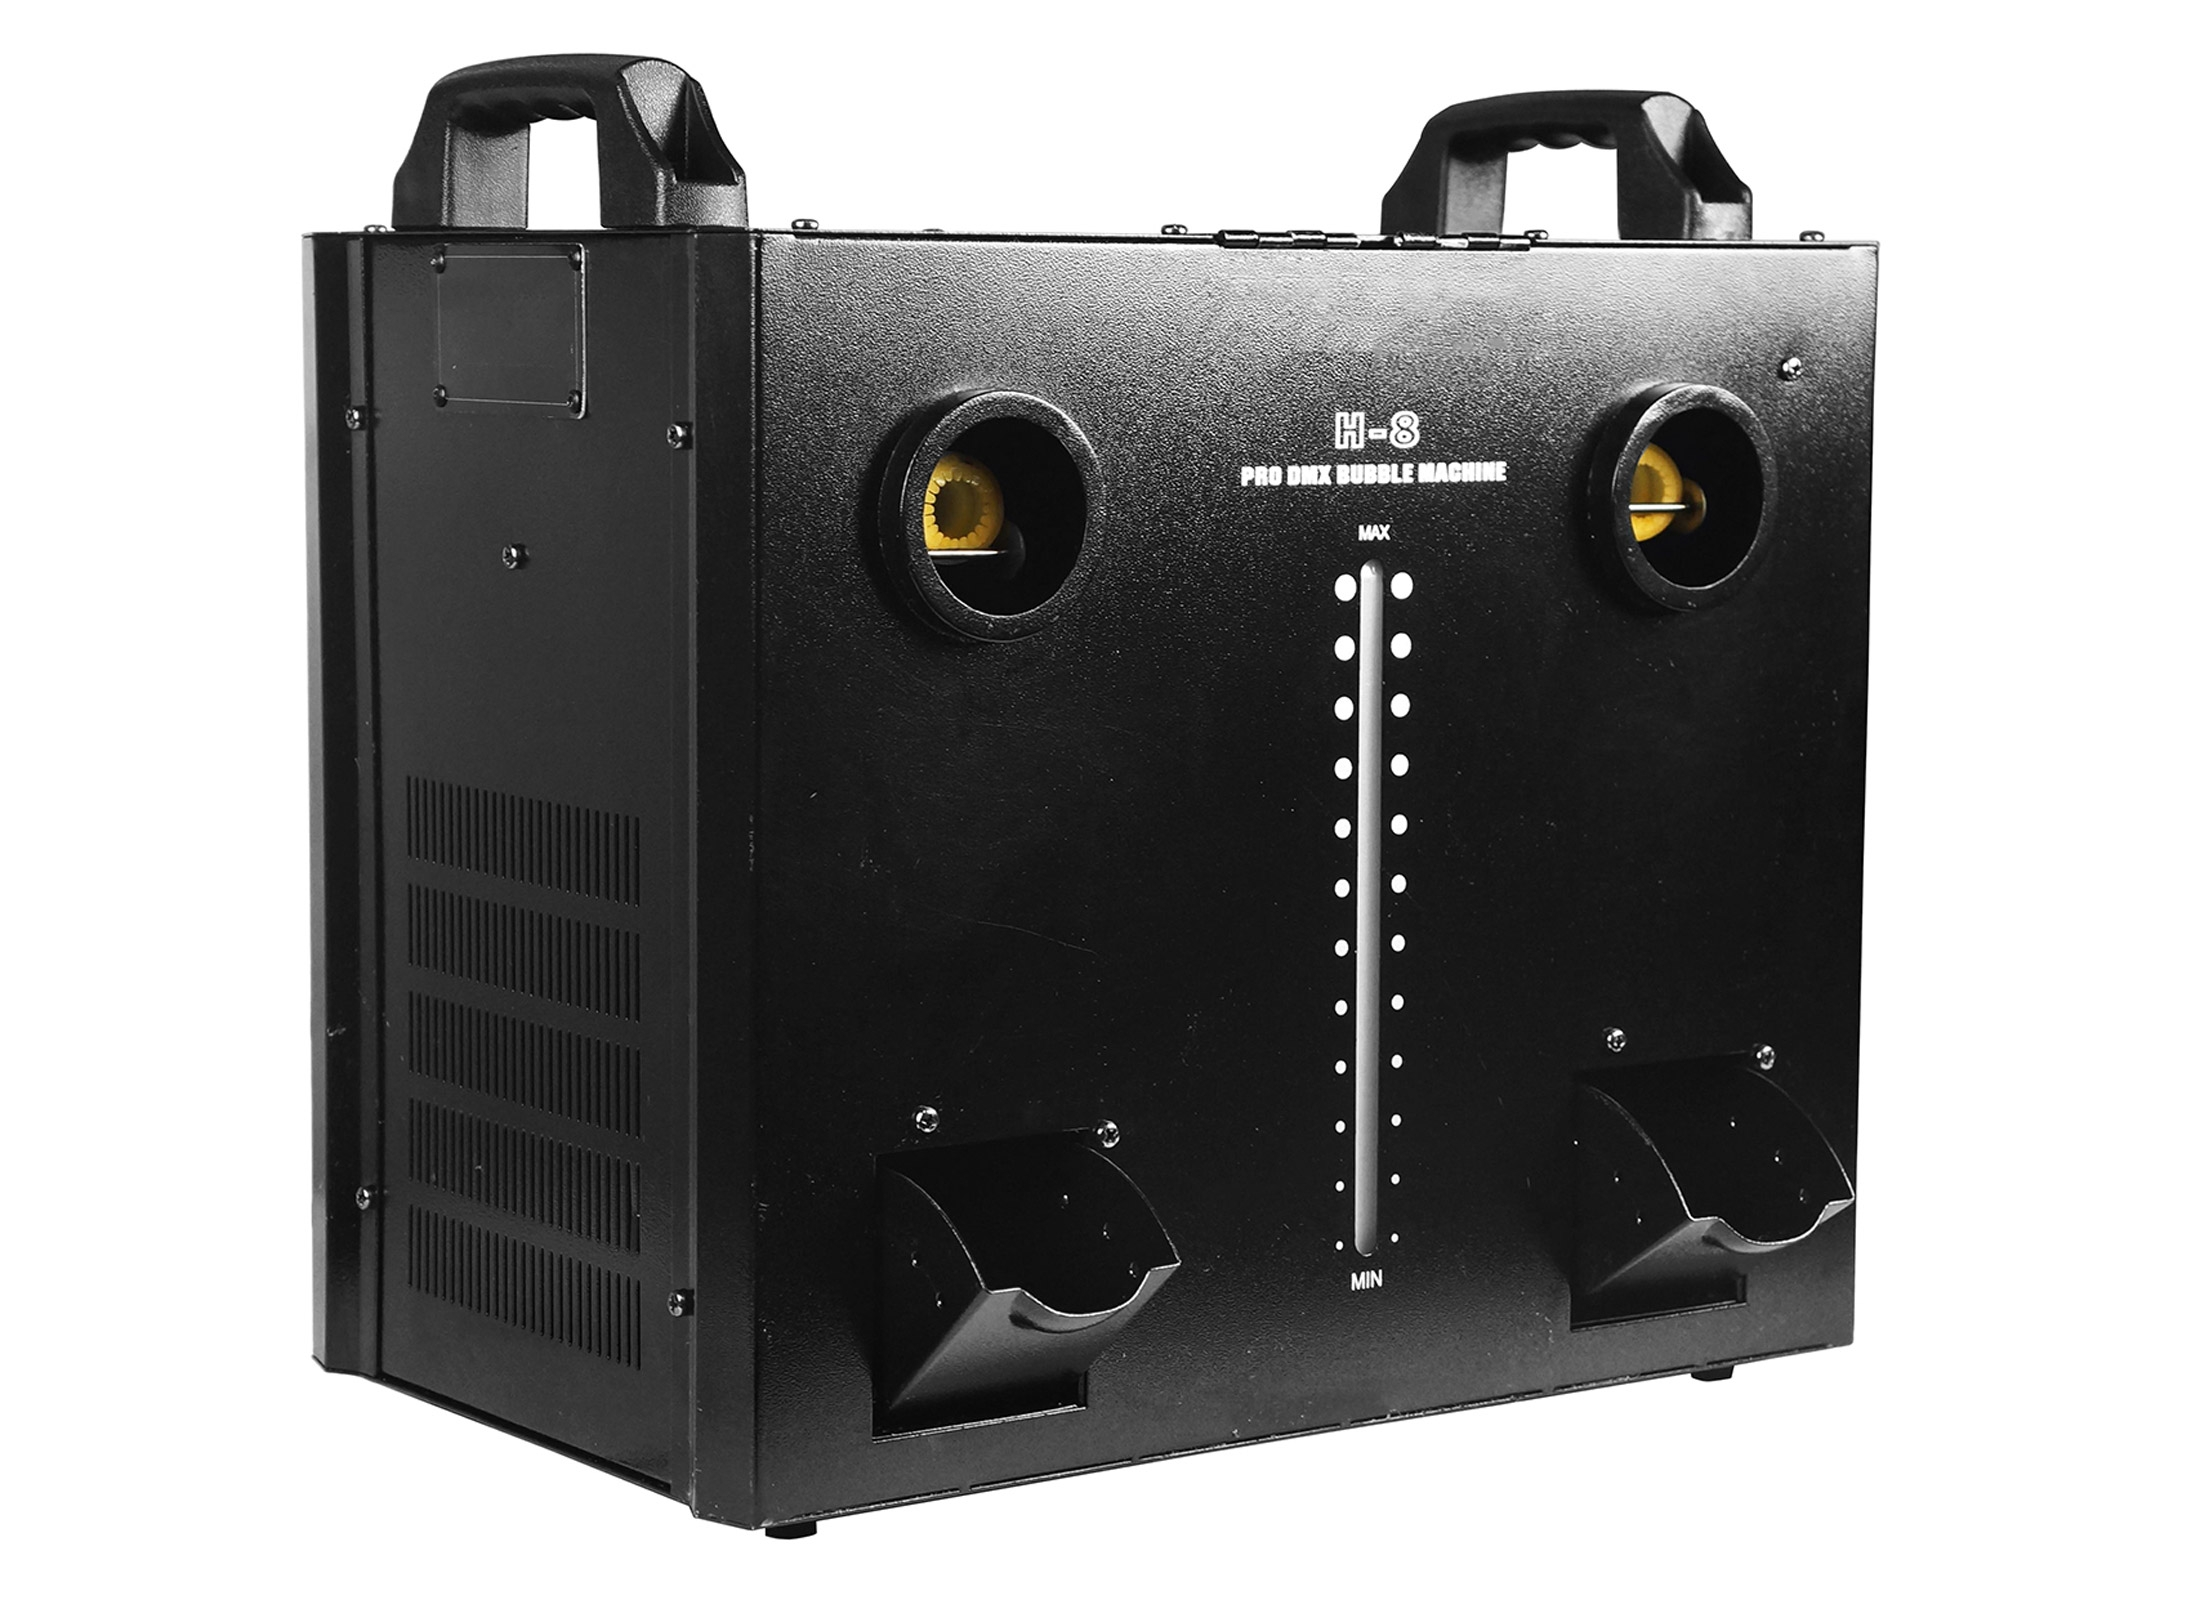 Bühnenbeleuchtung & -effekte Nett Eurolite Seifenblasenmaschine Schwarz